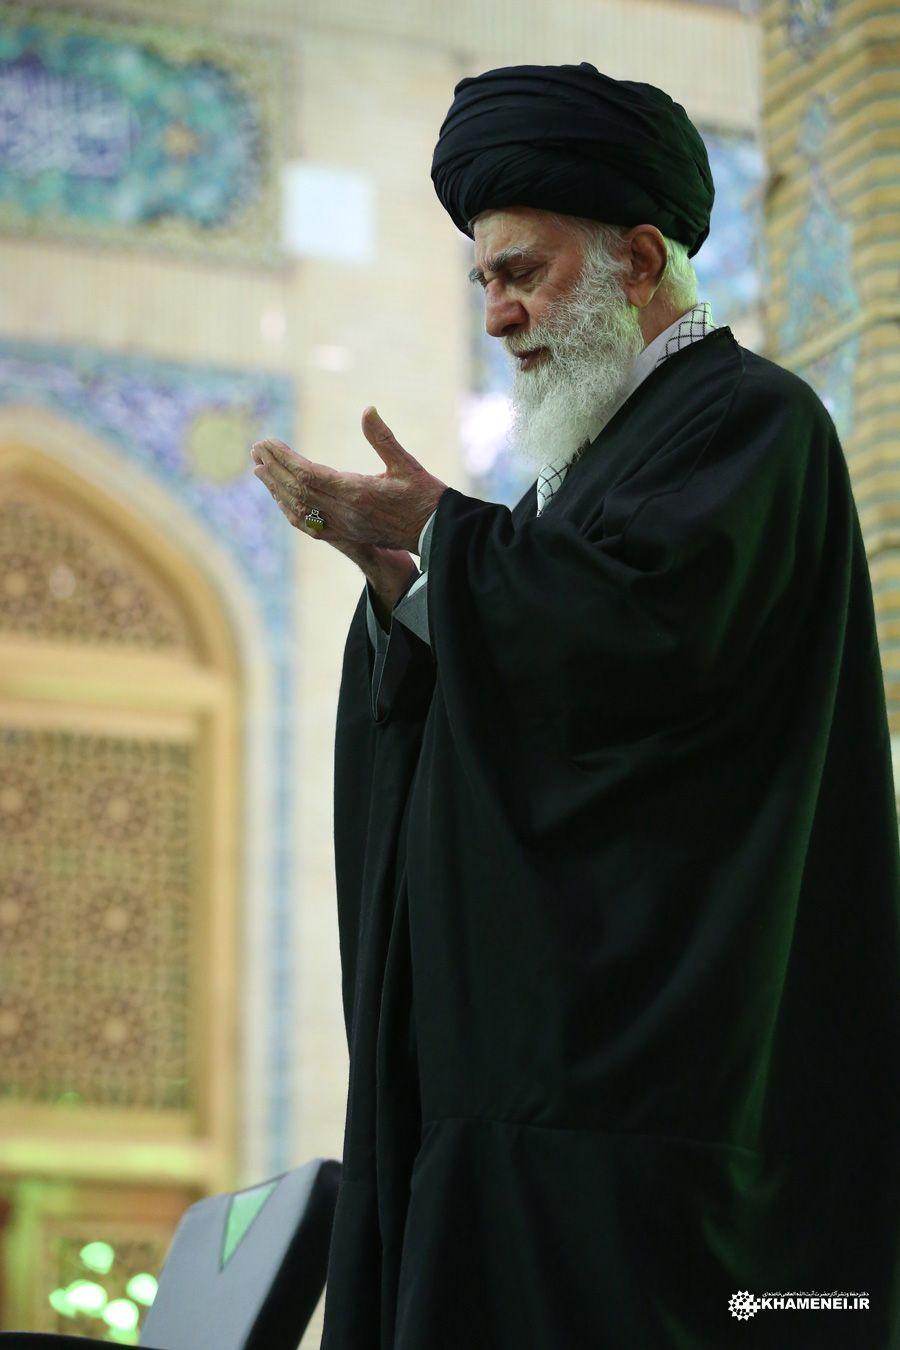 Khamenei سید علی خامنه ای رهبر ایران انقلاب اسلامی ایران